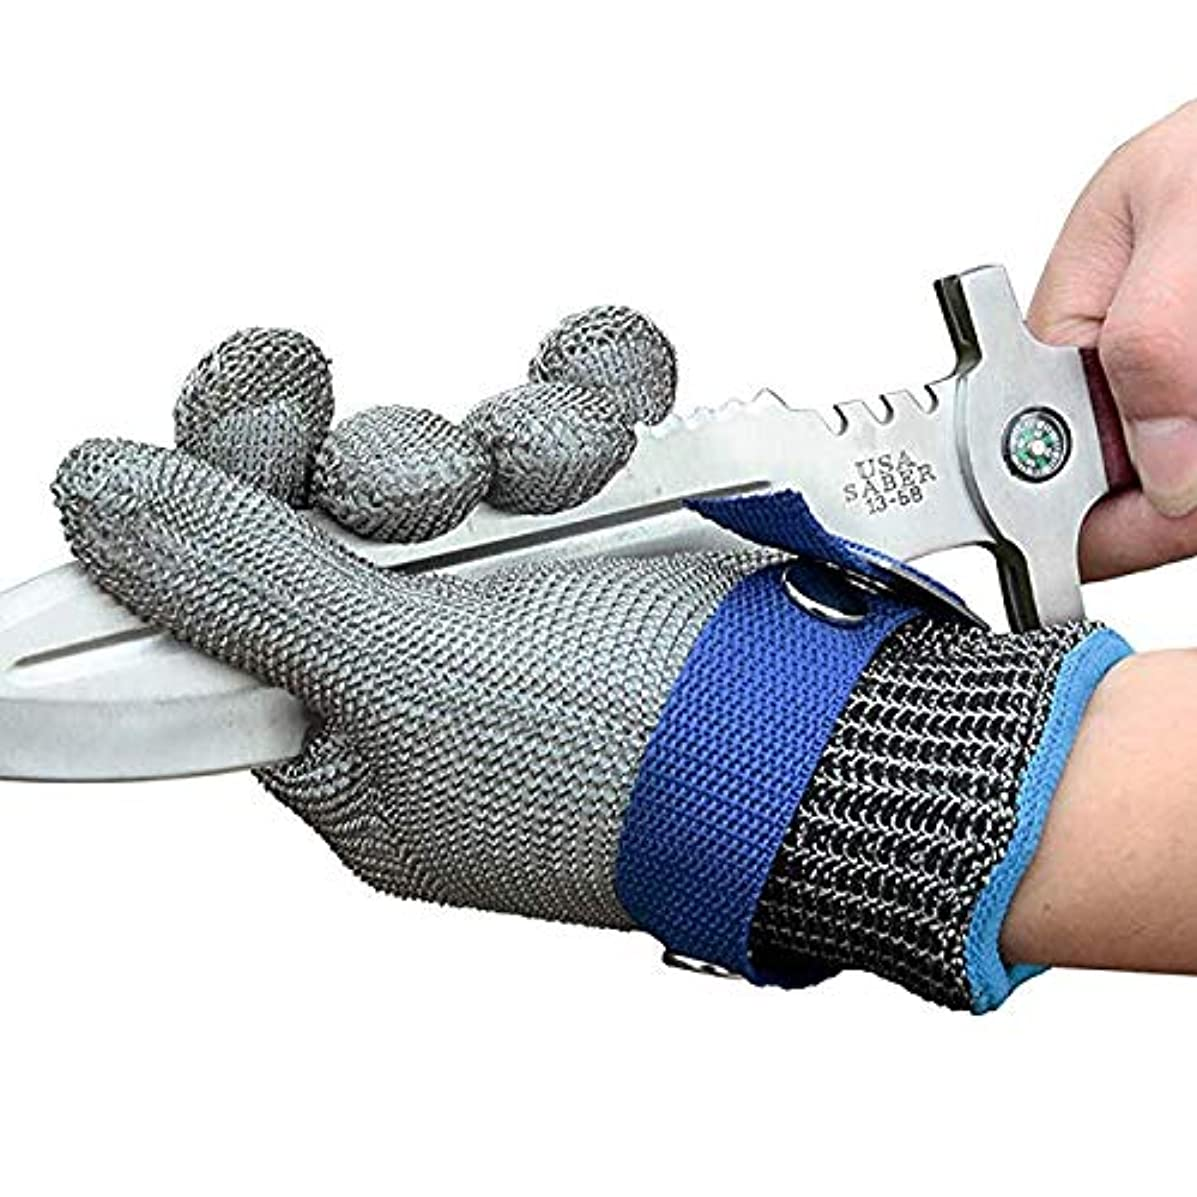 いじめっ子通行料金ウナギレベル9耐切断性手袋ステンレスメッシュ金属ワイヤグローブ耐久性に優れた防錆信頼ブッチャーグローブ,S